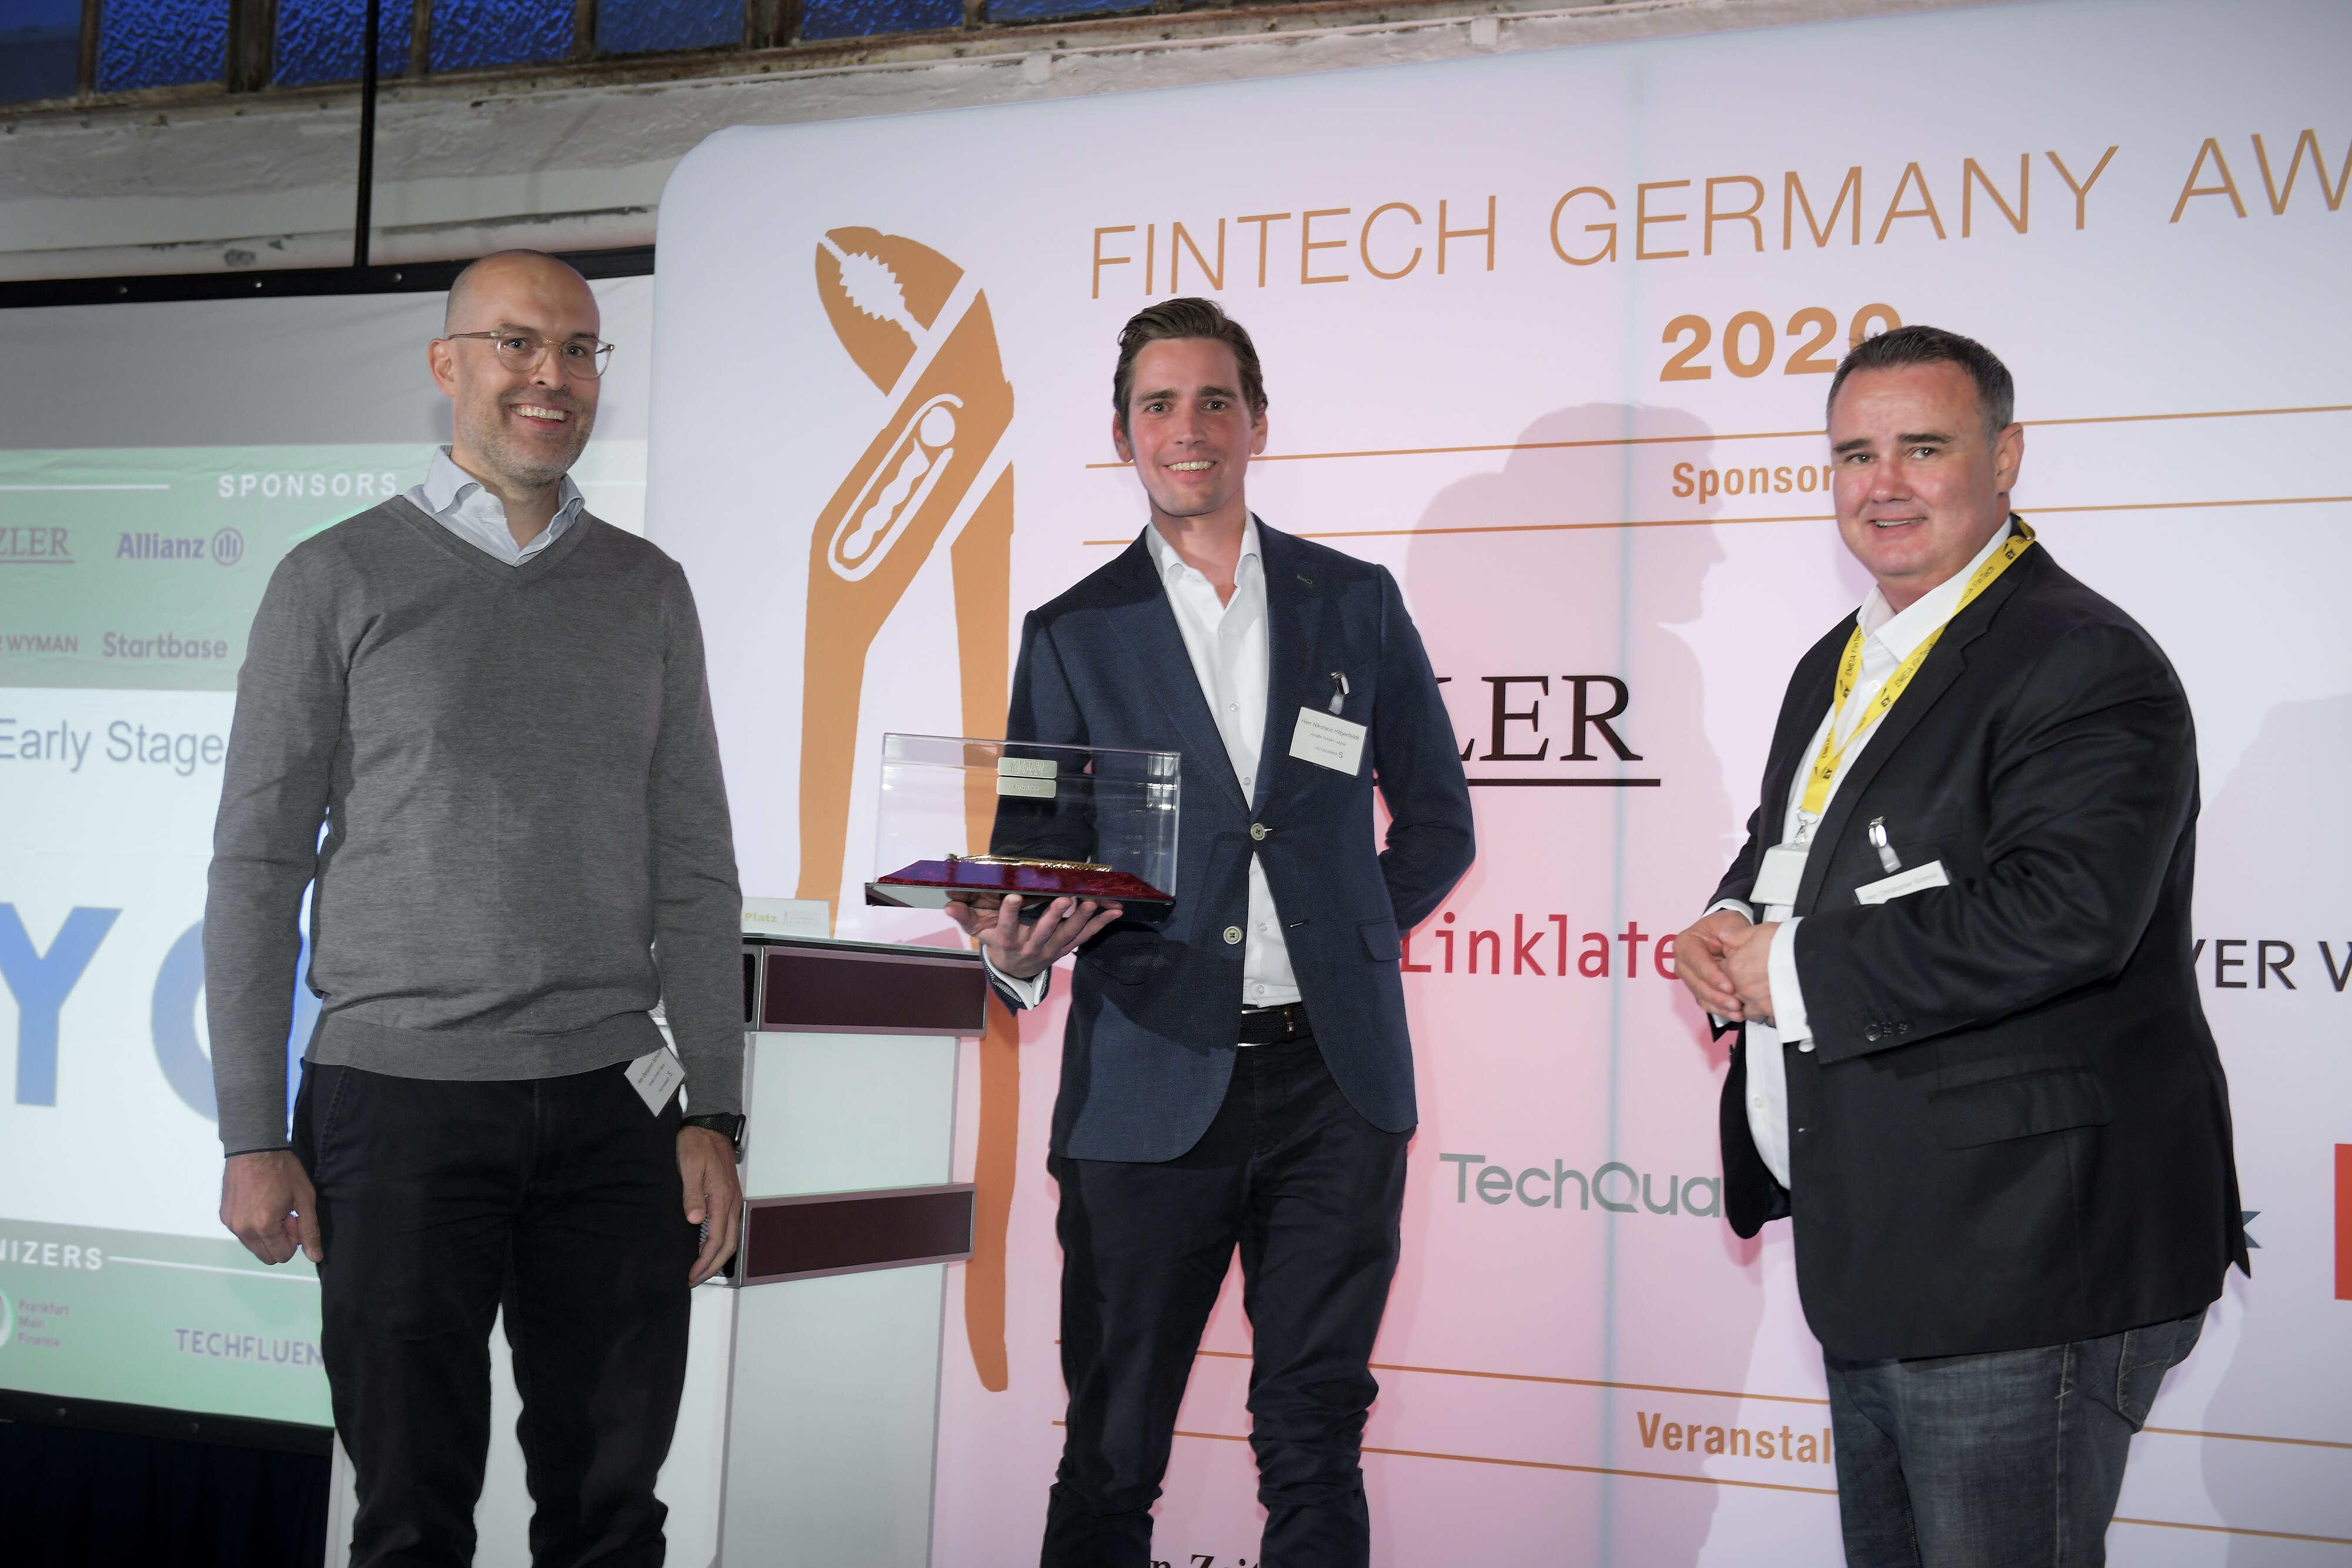 Die beiden Myos Gründer Benjamin Schickert und Nikolaus Hilgenfeldt stehen auf einer Bühne und empfangen den Fintech Germany Award 2020 Preis.